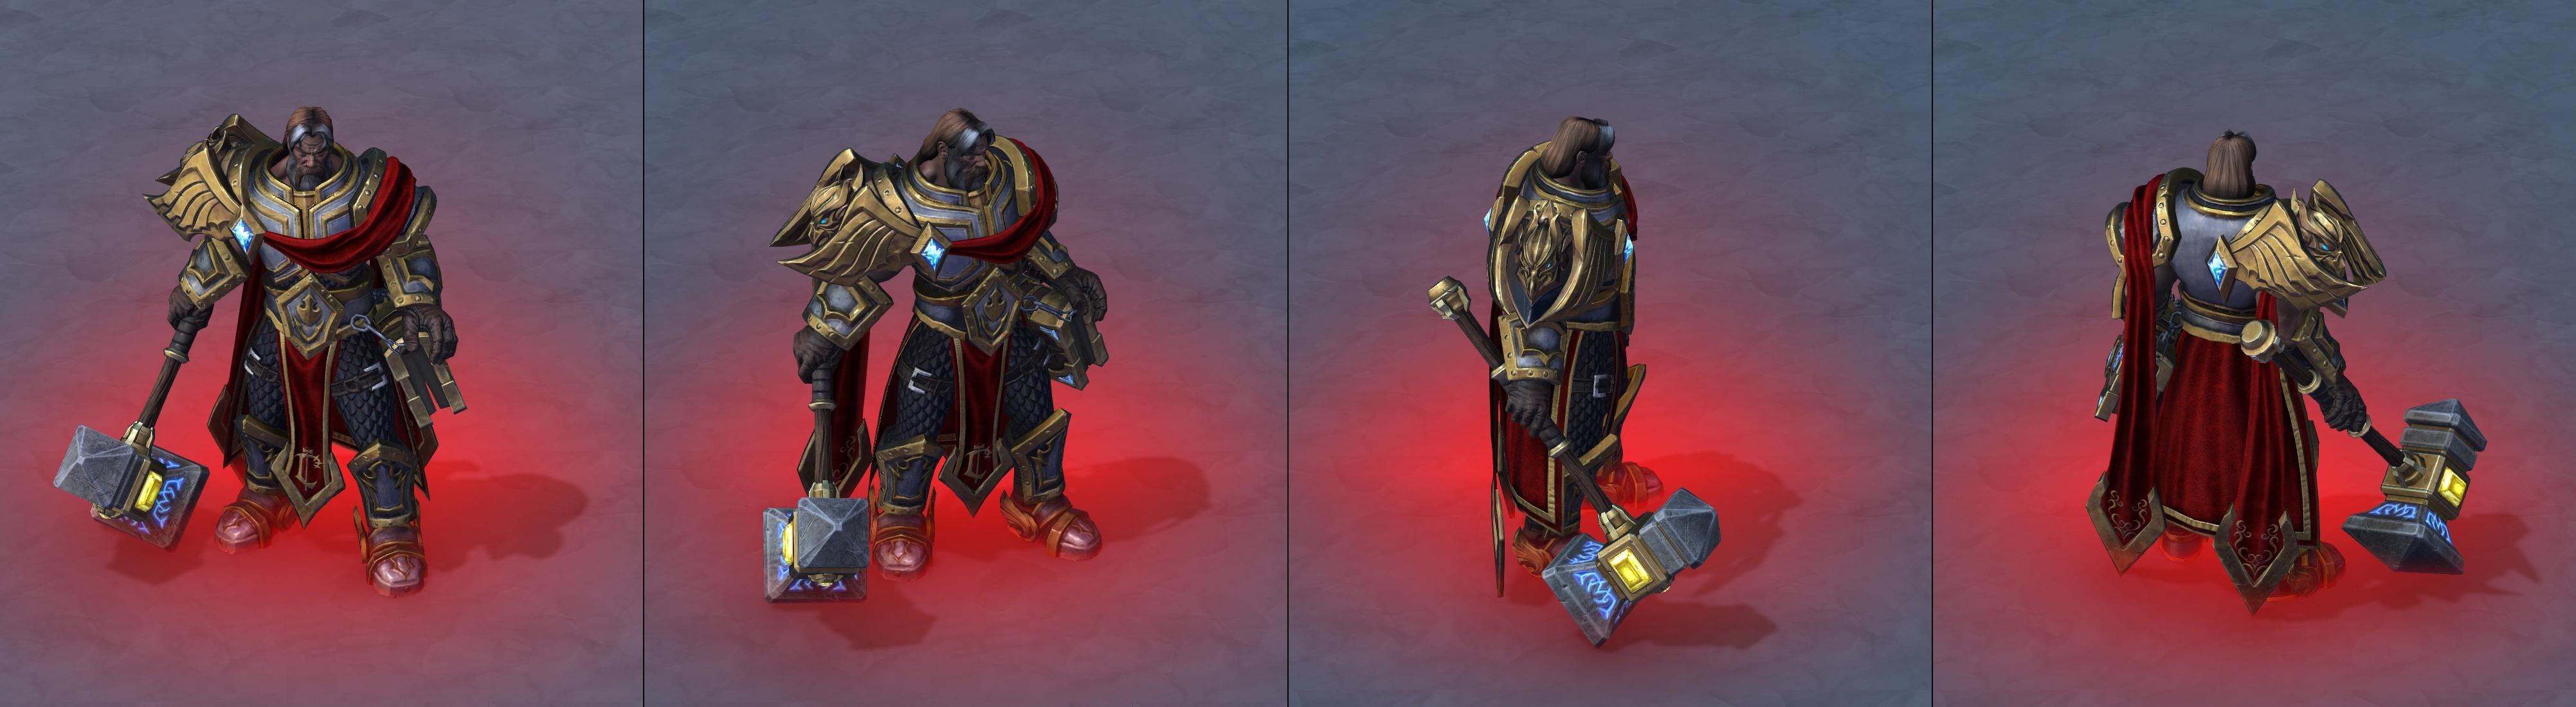 Утечка: озвучка и модели Сильваны, Артаса, Джайны и других персонажей Wacraft III: Reforged 19